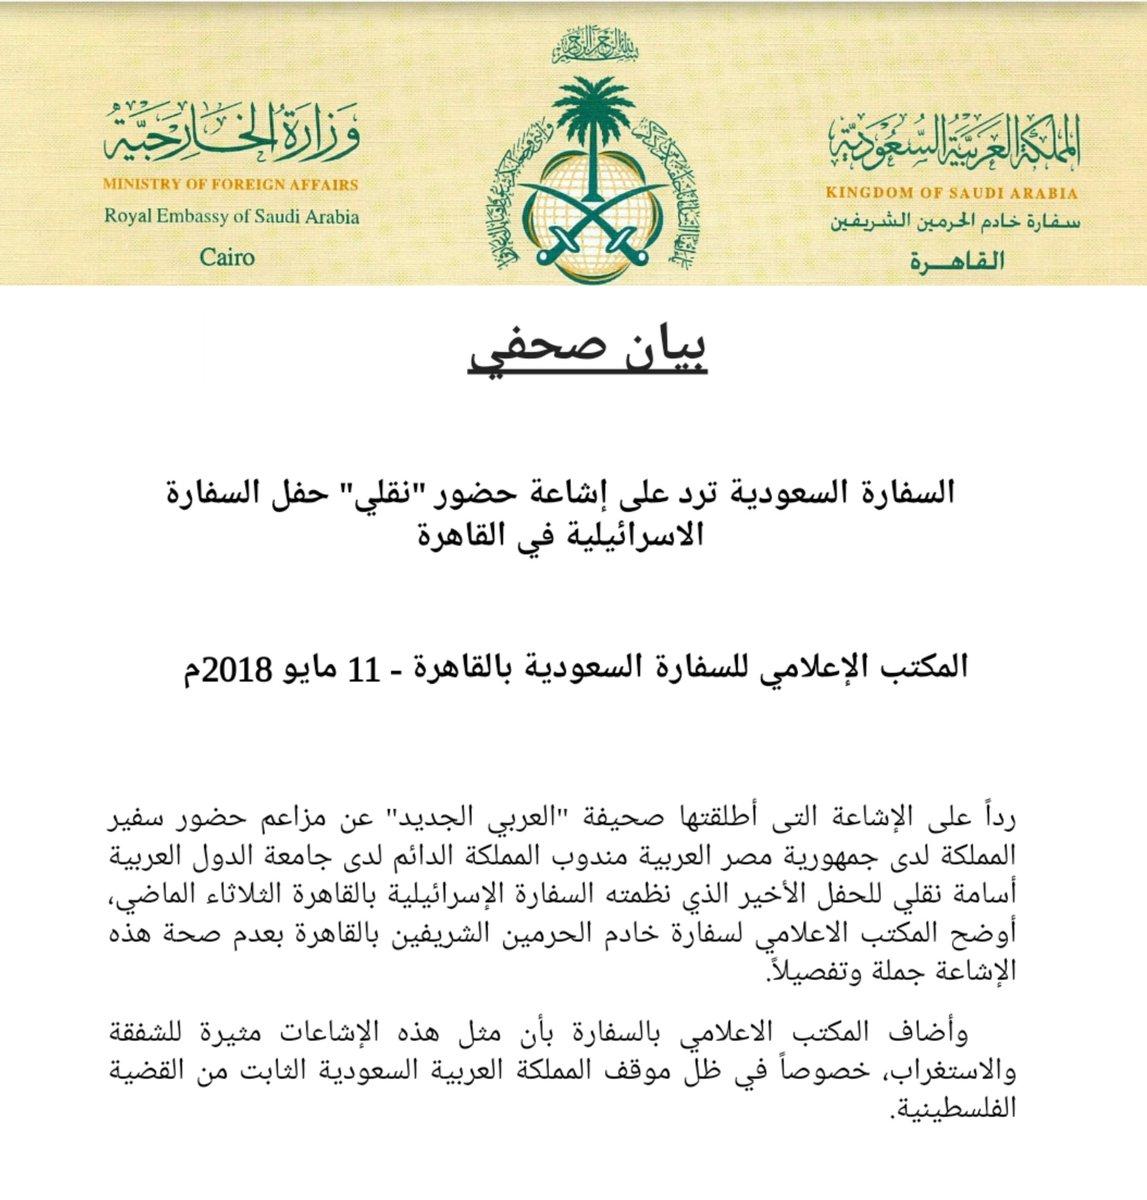 السعودية تنفي إشاعة حضورها حفل السفارة الاسرائيلية بالقاهرة